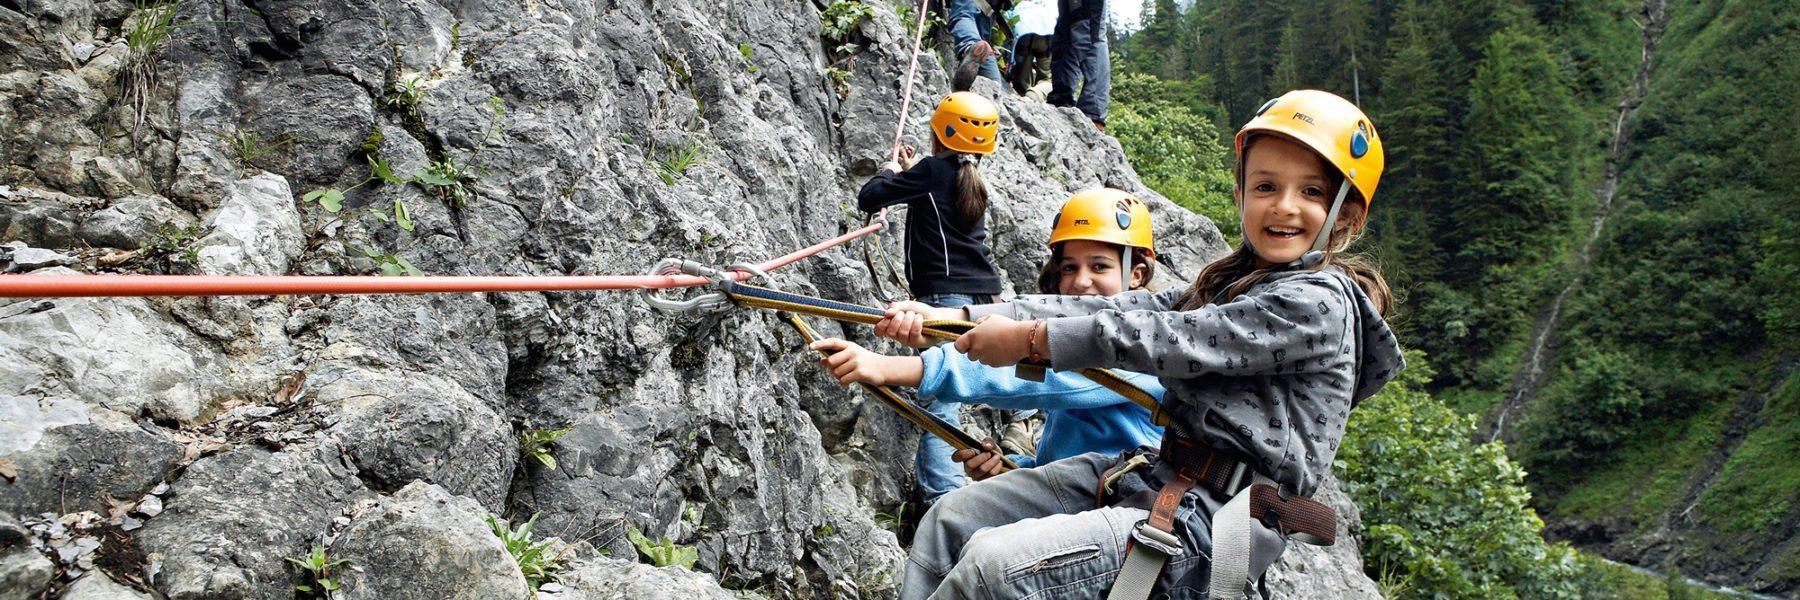 Sommeraktivitäten für Kinder im Bregenzerwald Hotel Krone Au